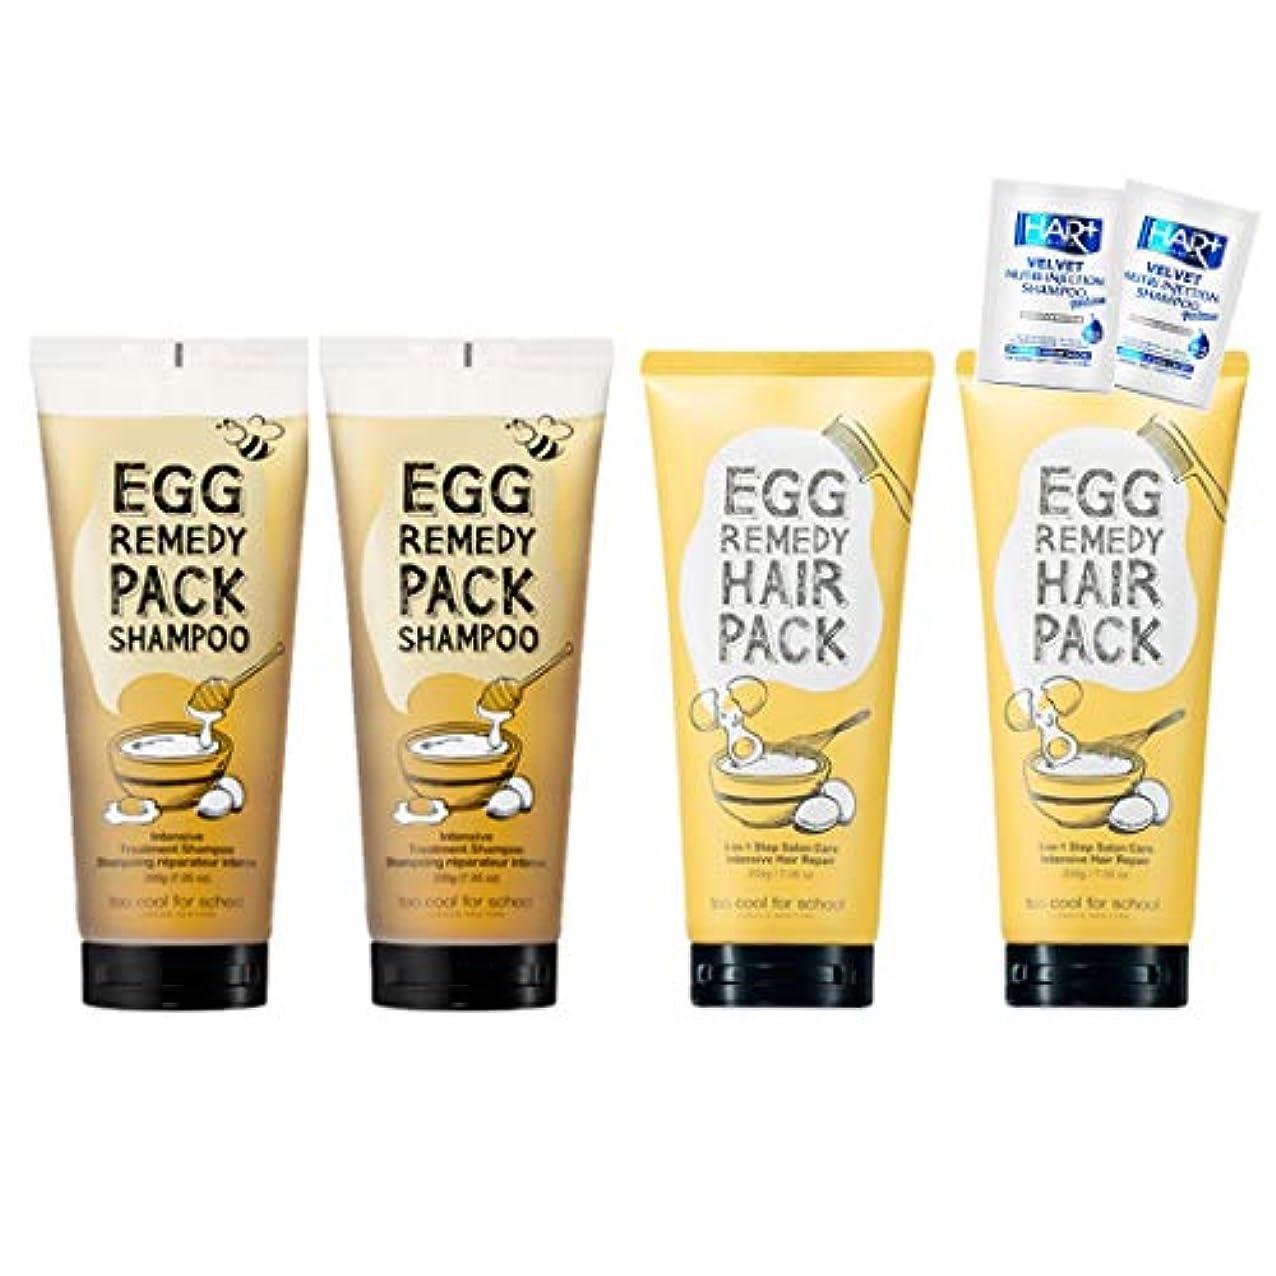 学者ペルソナ判定トゥークールフォ―スクール(too cool for school)/エッグレミディパックシャンプーtoo cool for school Egg Remedy Pack Shampoo 200ml X 2EA + エッグレミディヘアパック...